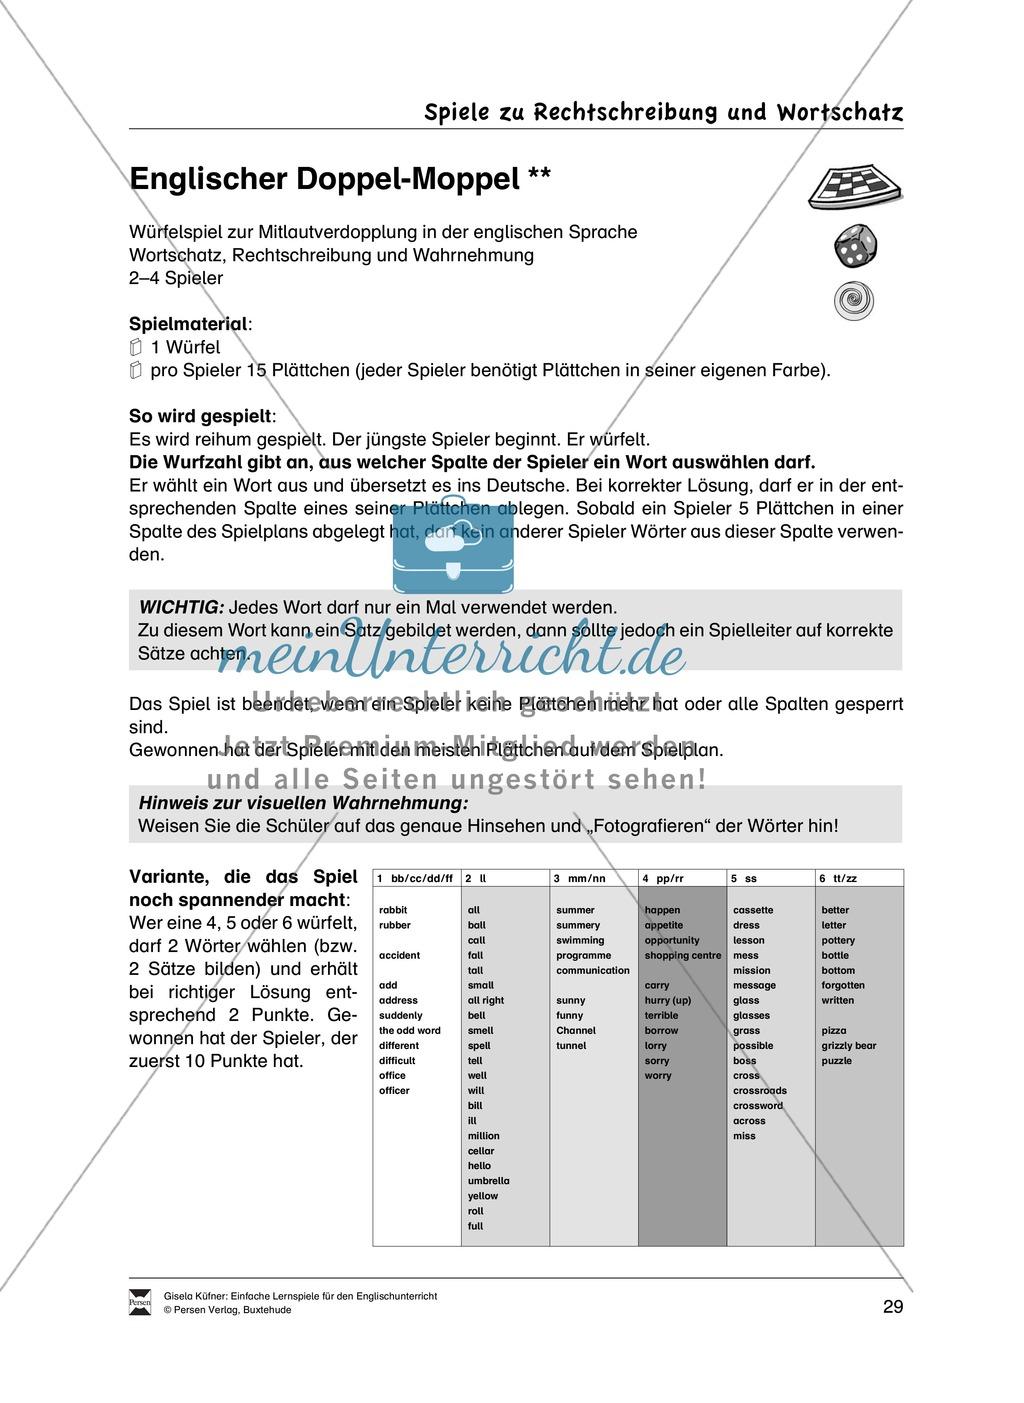 Lernspiele: Wortschatz, Rechtschreibung und Wahrnehmung, unregelmäßige Verben, Mitlautverdopplung, Vokale Preview 5